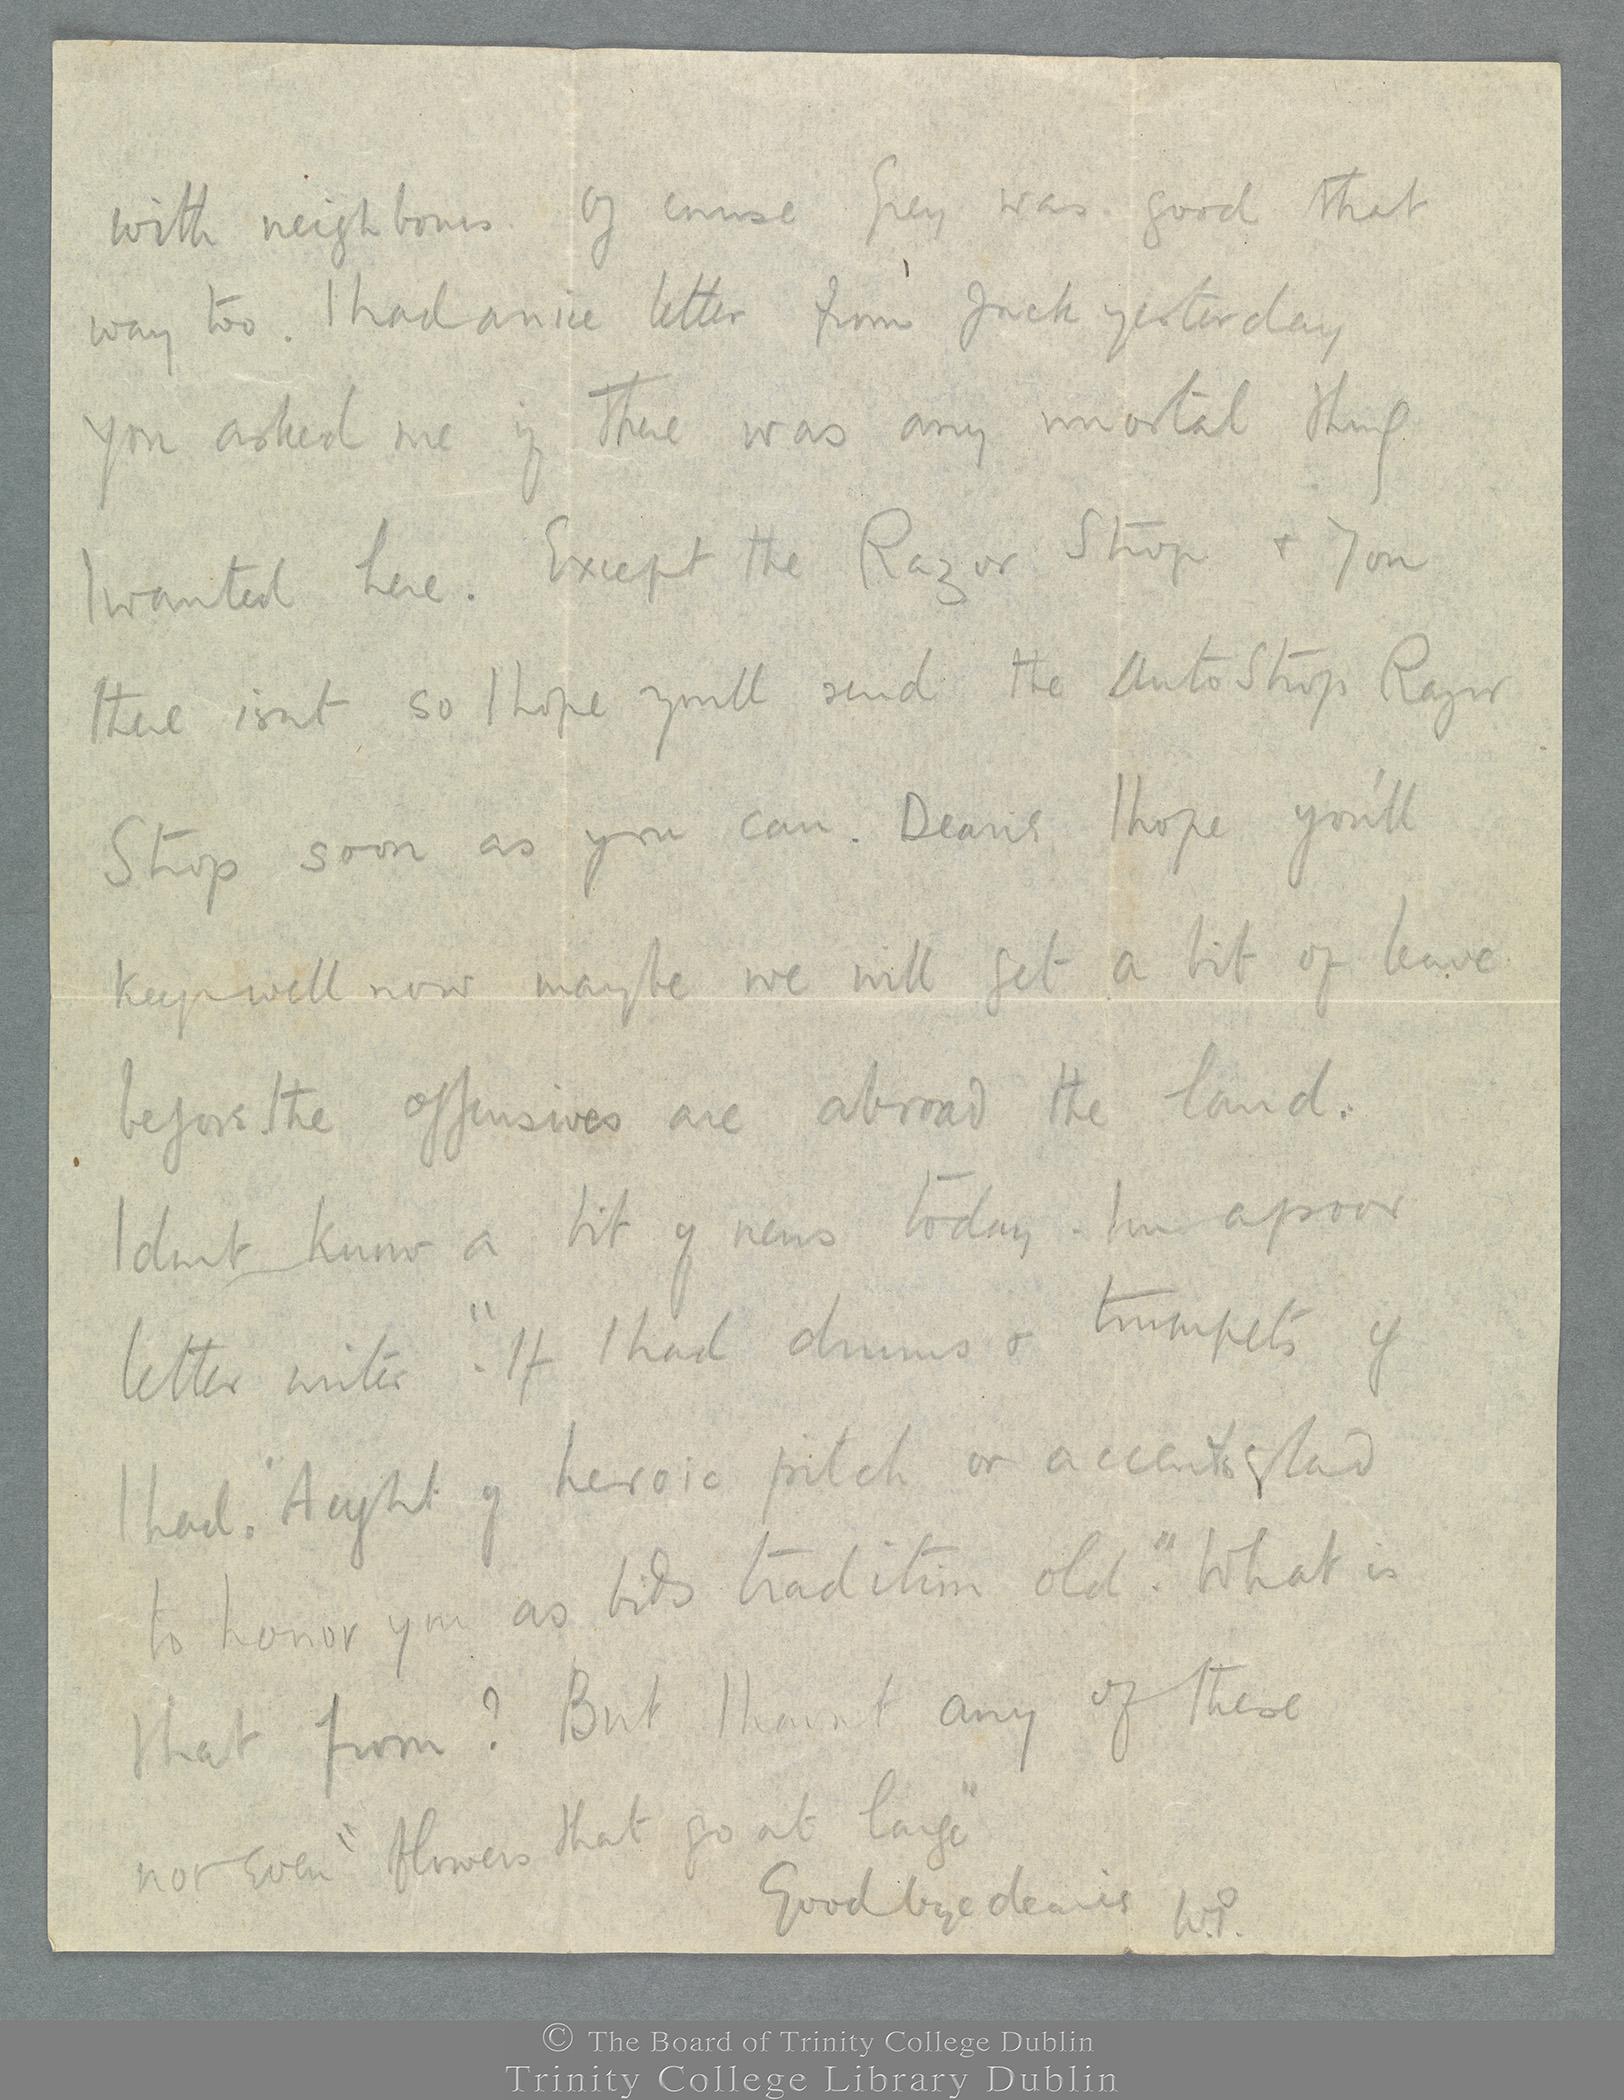 TCD MS 11274/53 folio 1 verso